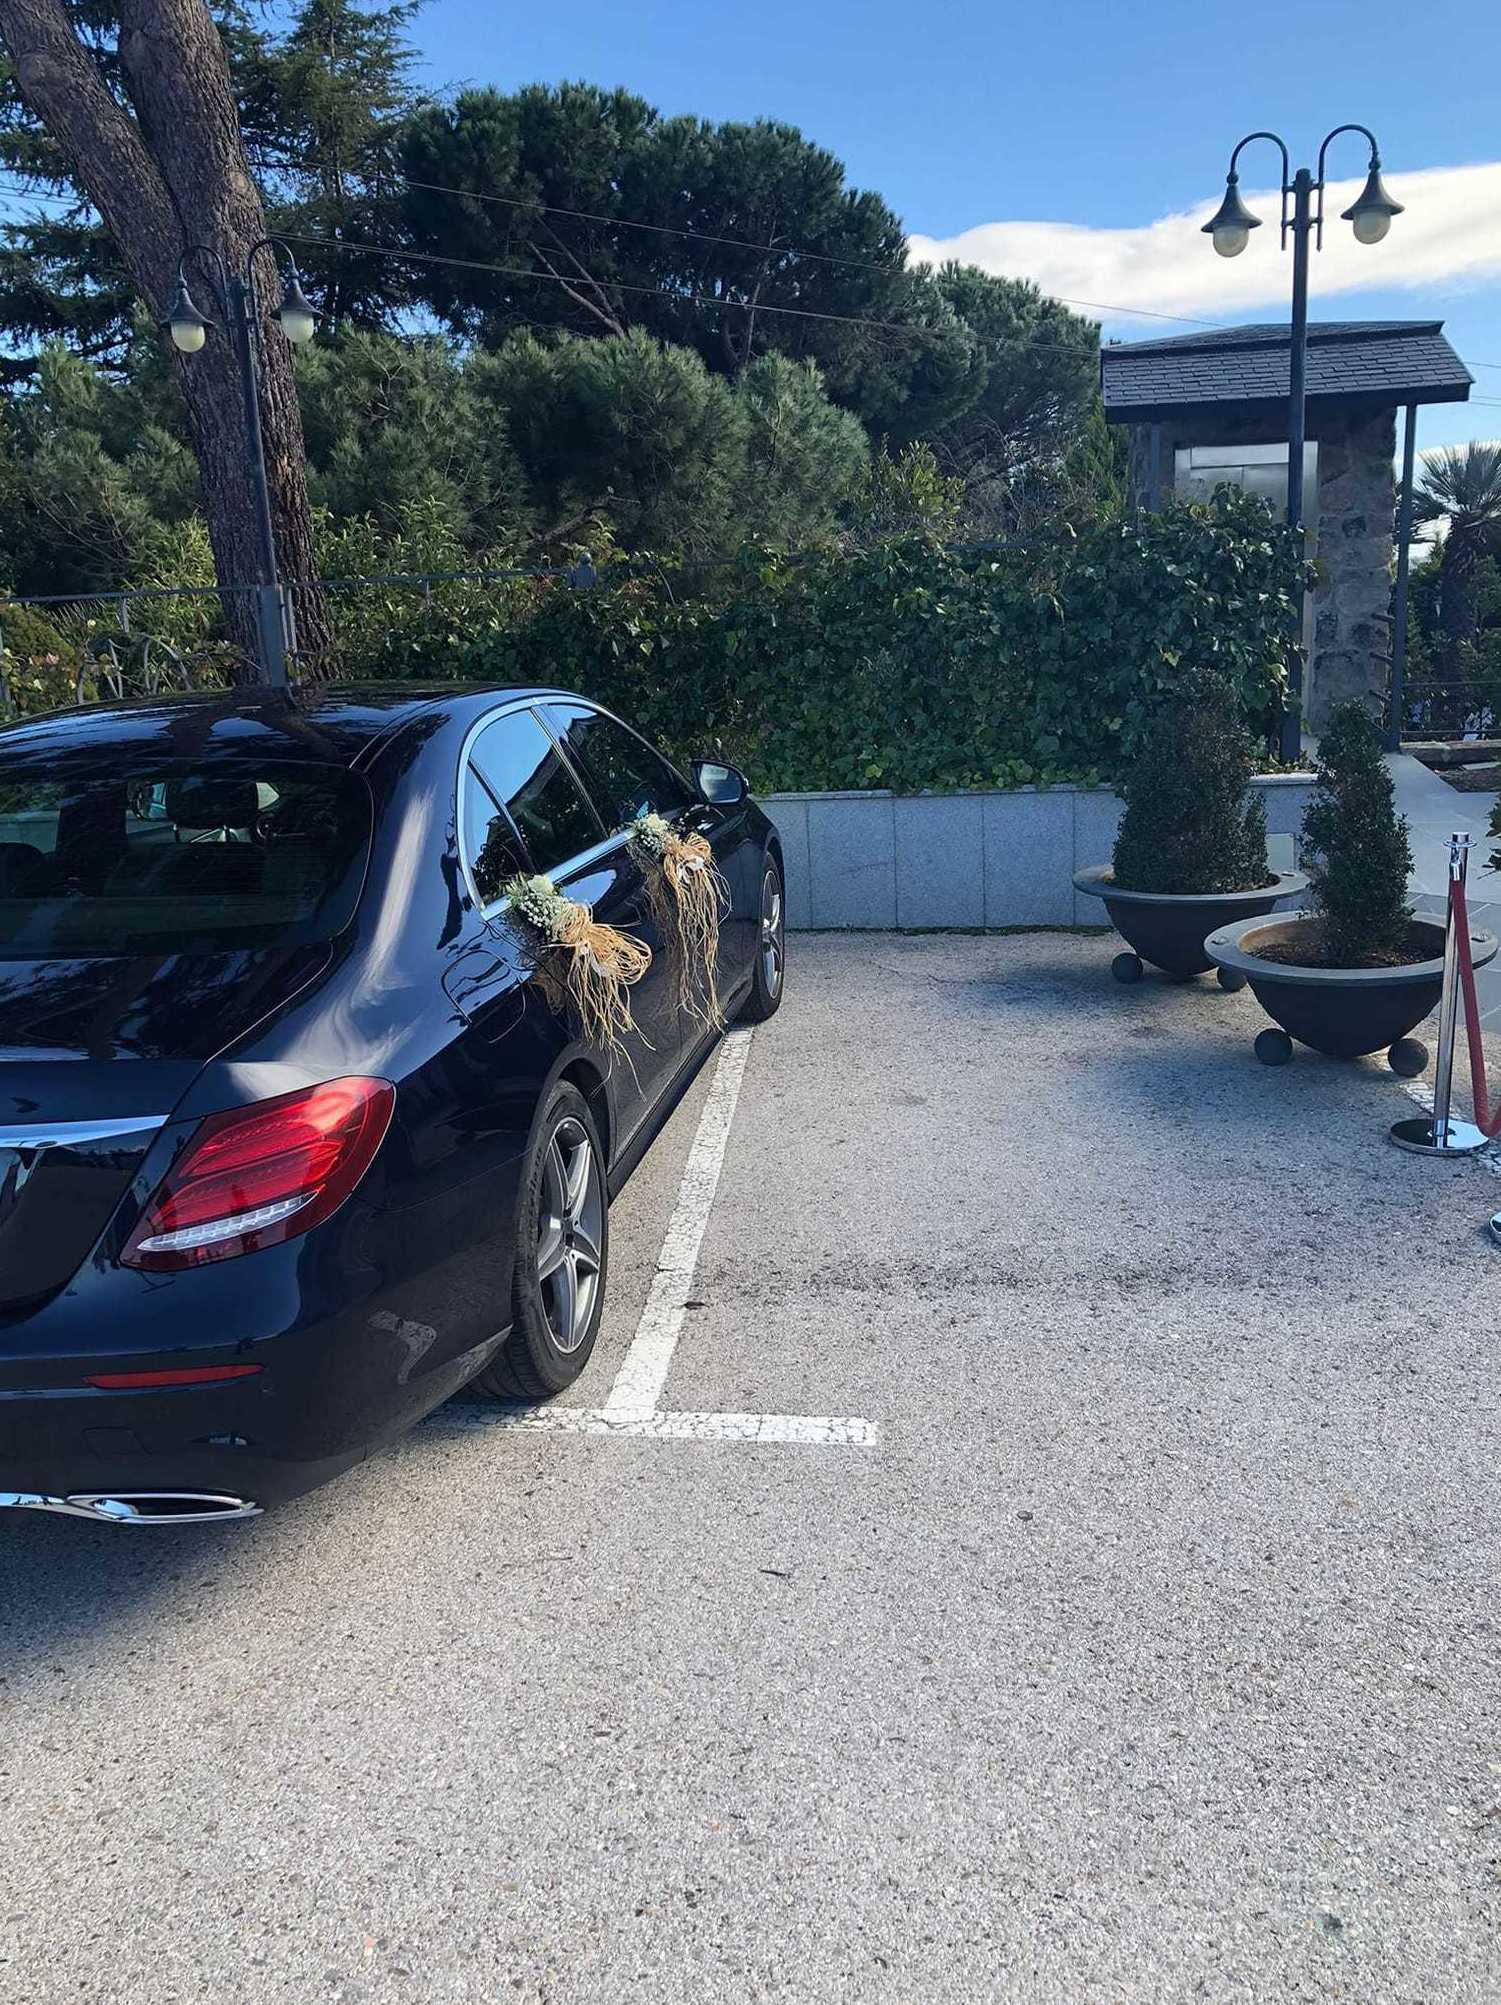 Foto 5 de Alquiler de vehículos con conductor en    Candecar